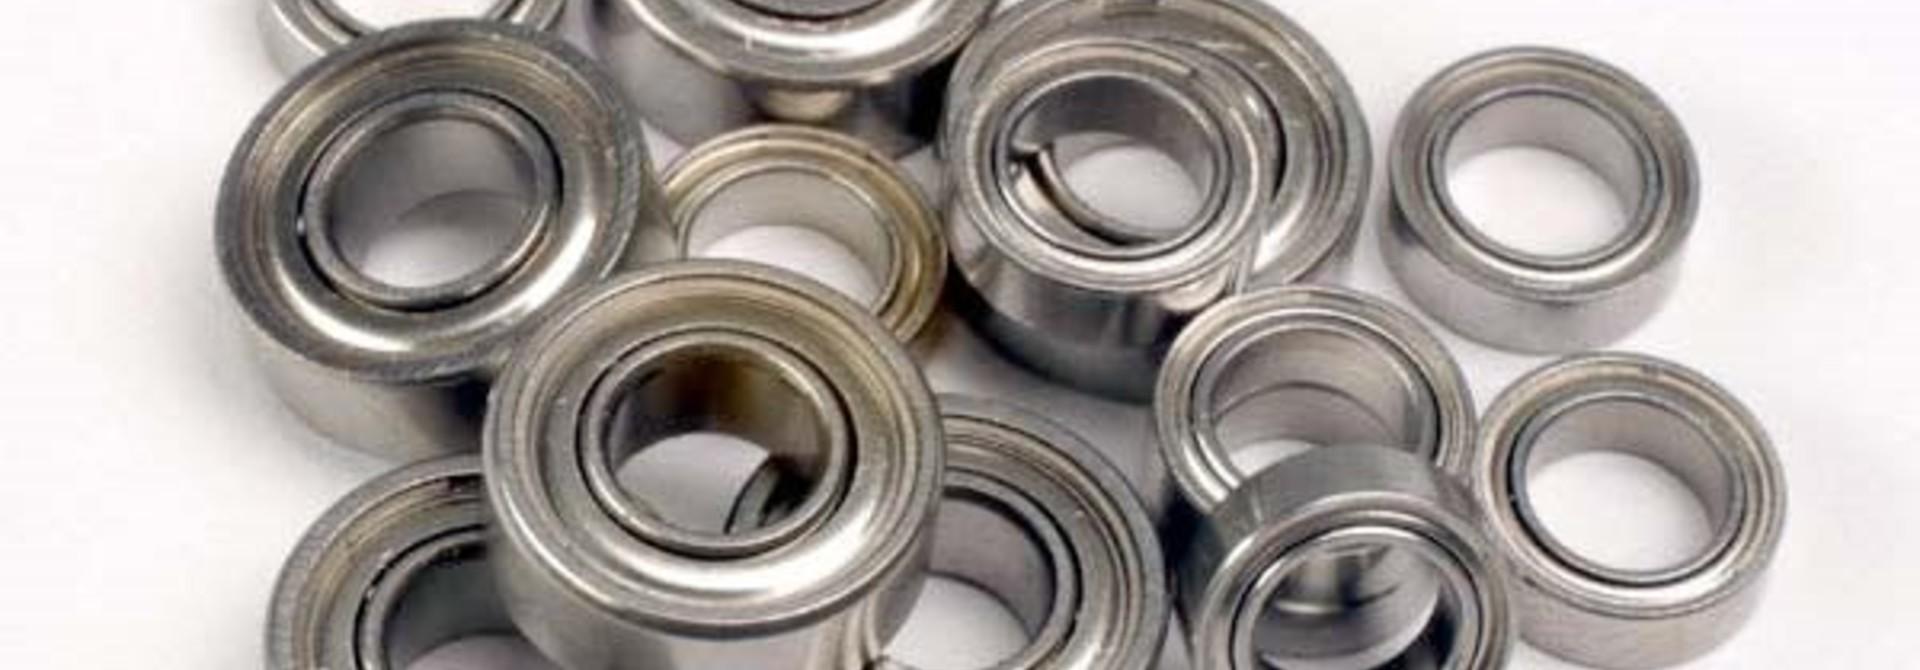 Ball Bearings (5x11x4mm) (6)/ 5x8x2.5mm (8), TRX4608